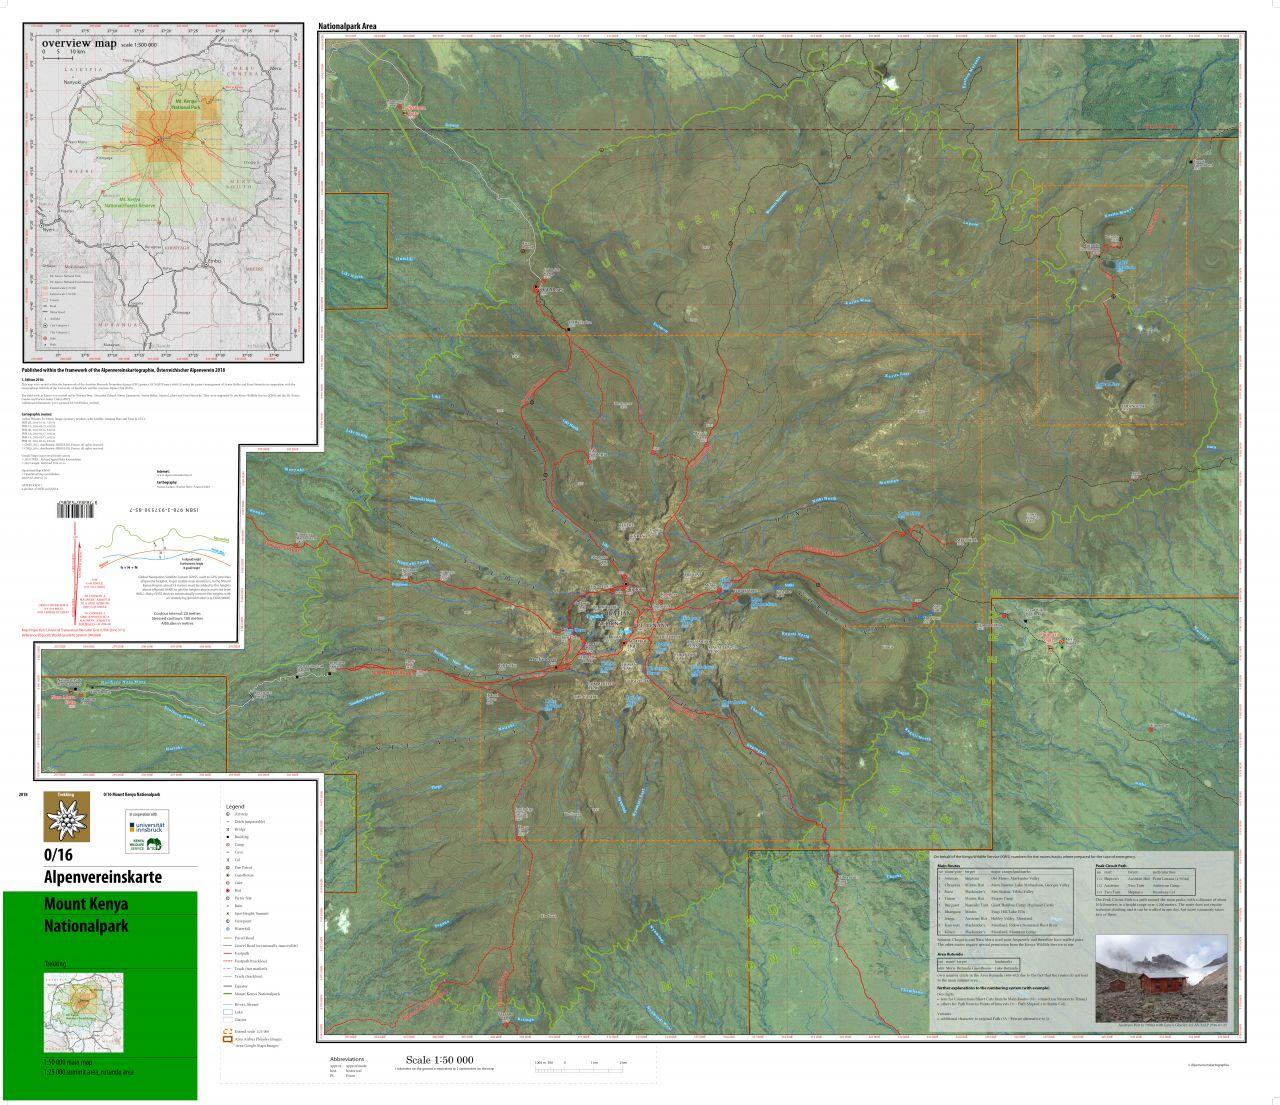 Mount Kenia Karte.Alpenvereinskarte Mount Kenya Alpenverein